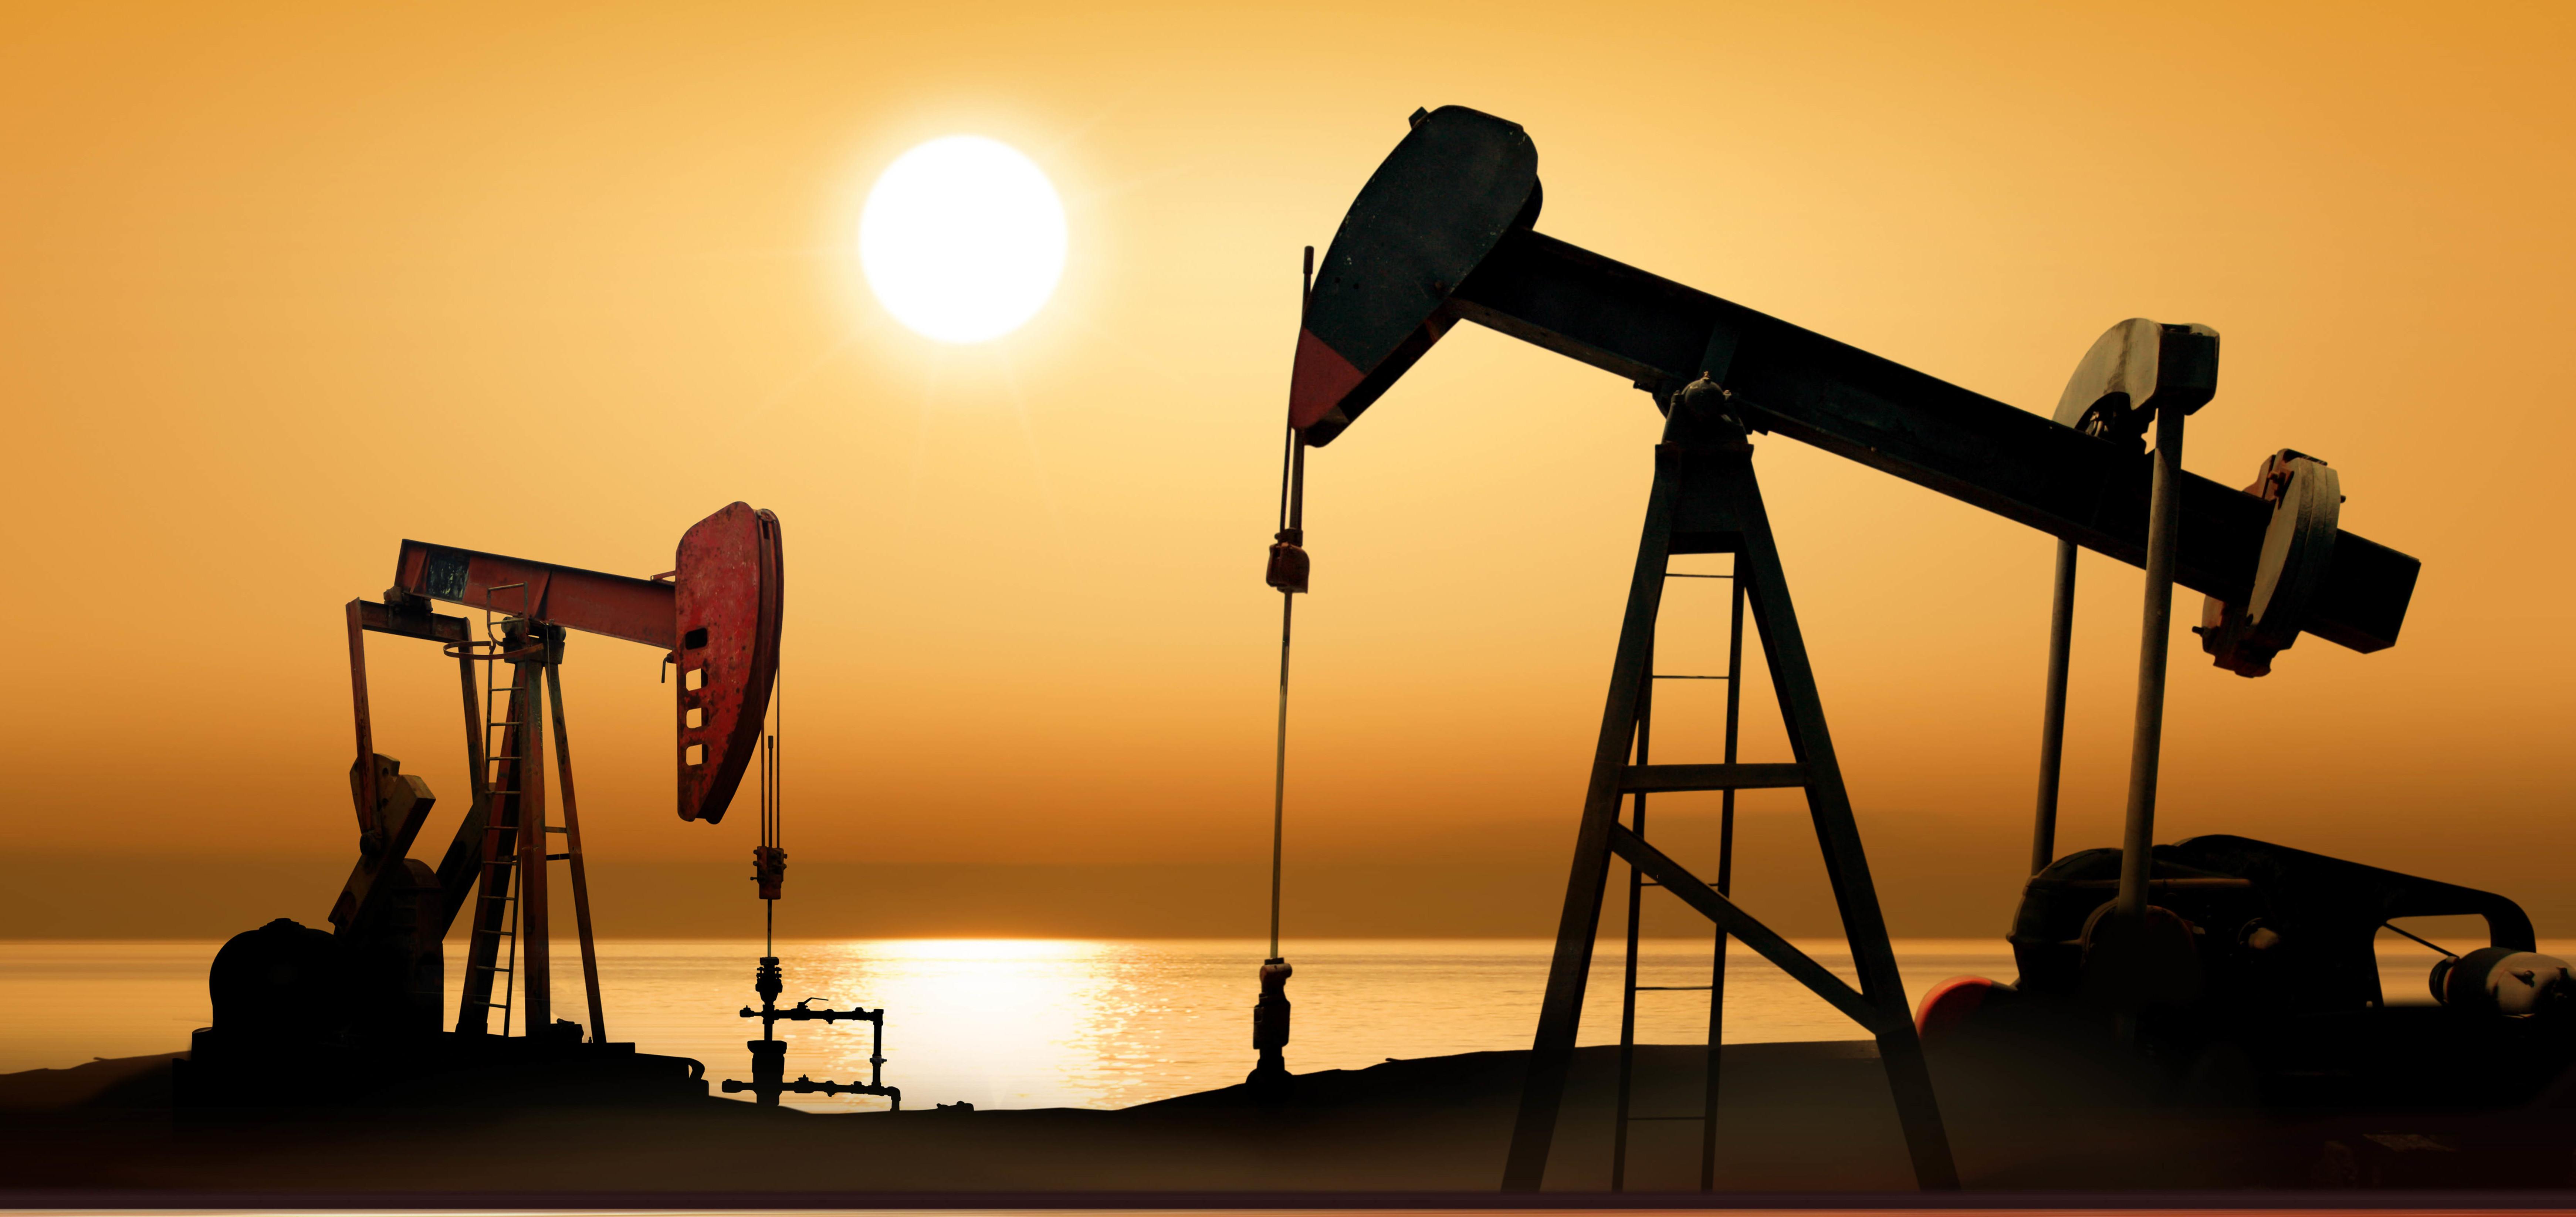 <!--:uk-->Рынок нефти: борьба между Саудовской Аравией и Россией<!--:--><!--:ru-->Рынок нефти: борьба между Саудовской Аравией и Россией<!--:-->